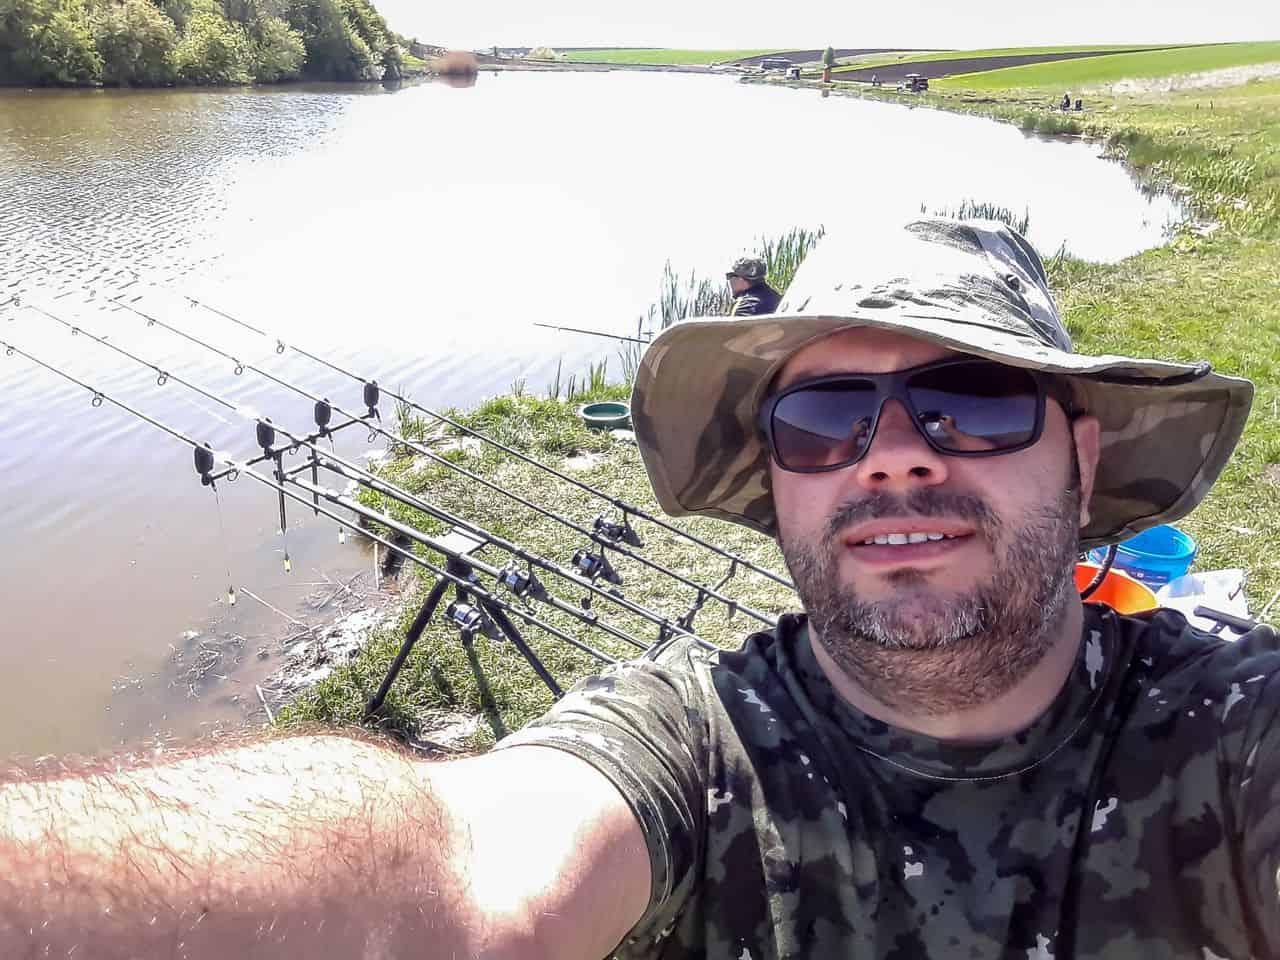 pescuit plantat pe camineasca